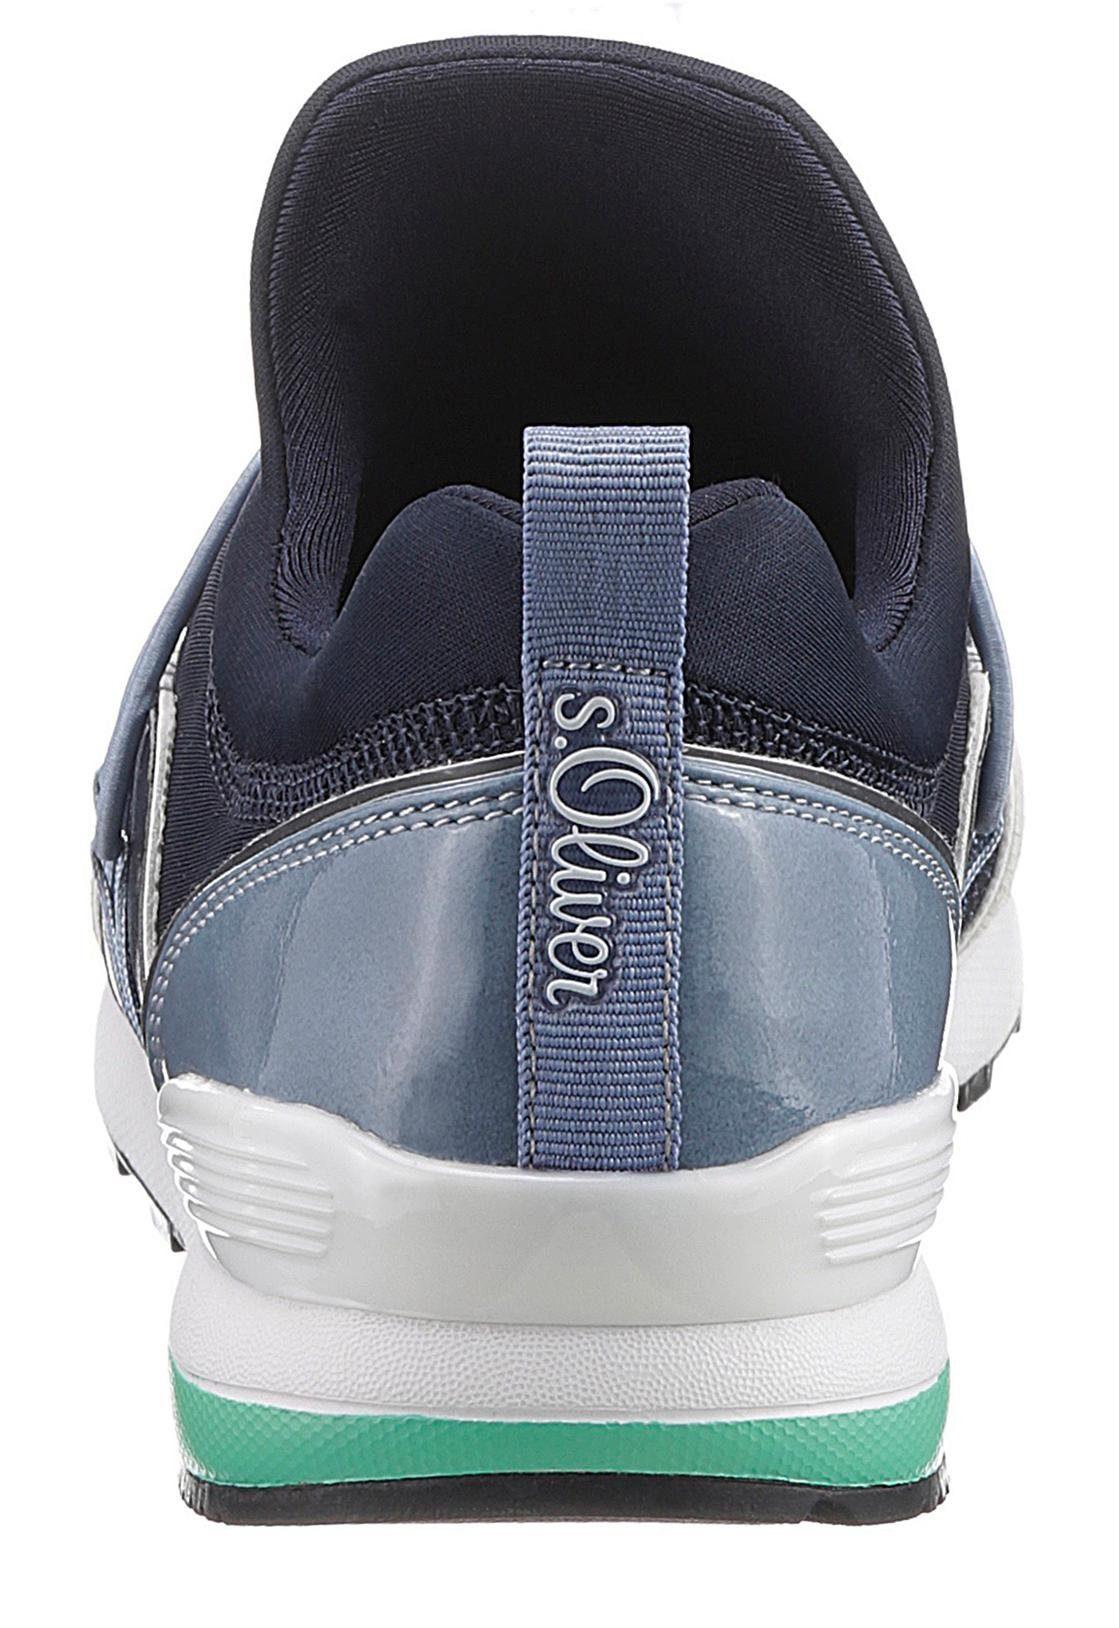 on Label Slip oliver Optik Red Sneaker S Sportiver In wq6Pf4W